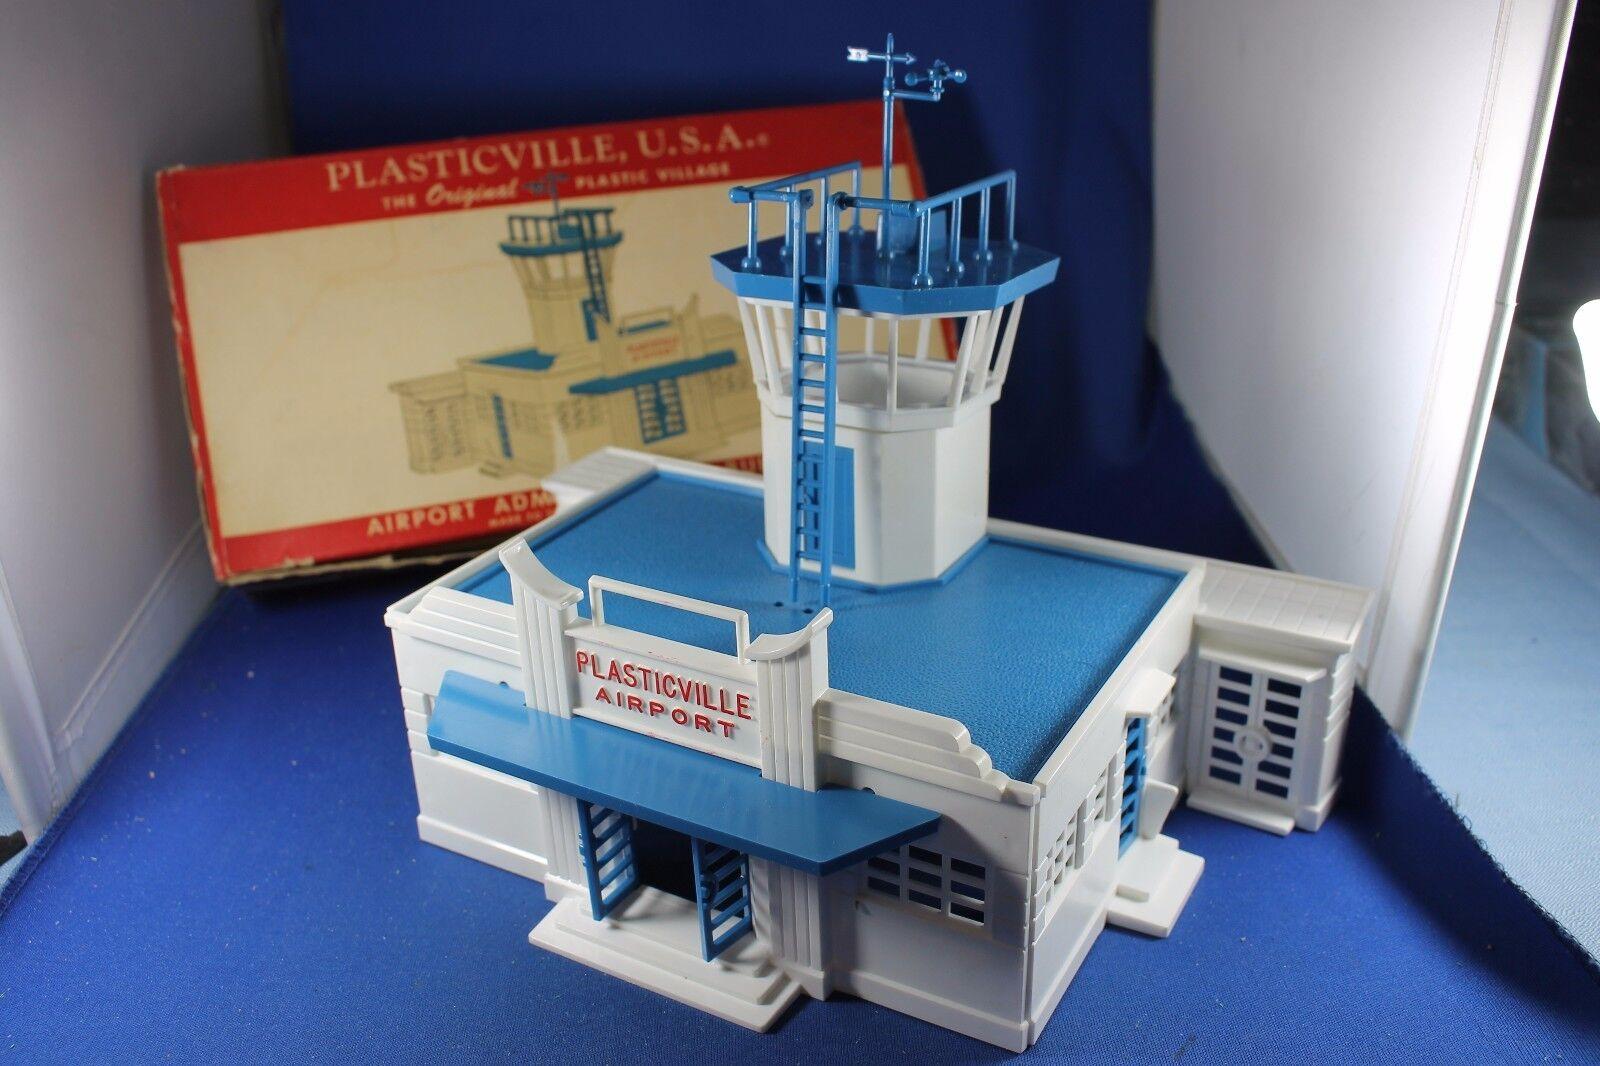 O s-Plasticville  AD-4-198 aeropuerto edificio de la administración-Completo-Caja